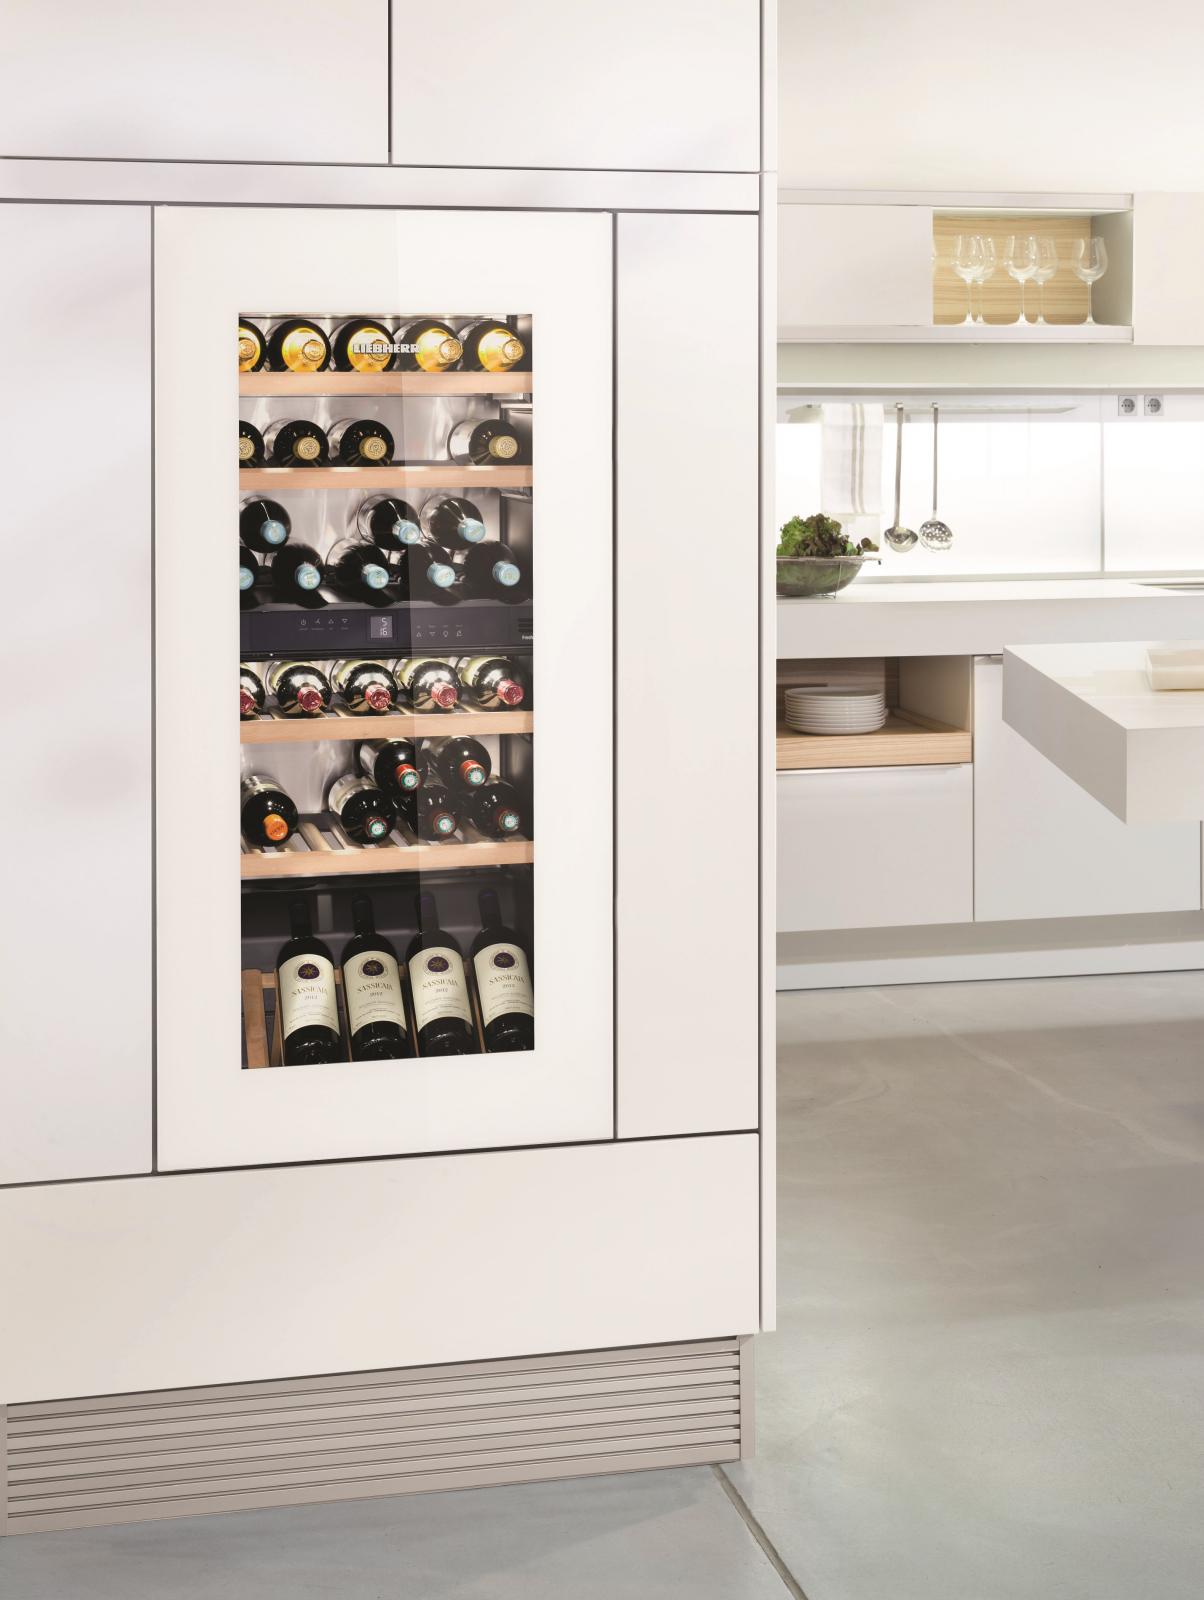 купить Встраиваемый винный шкаф Liebherr EWTgw 2383 Украина фото 5